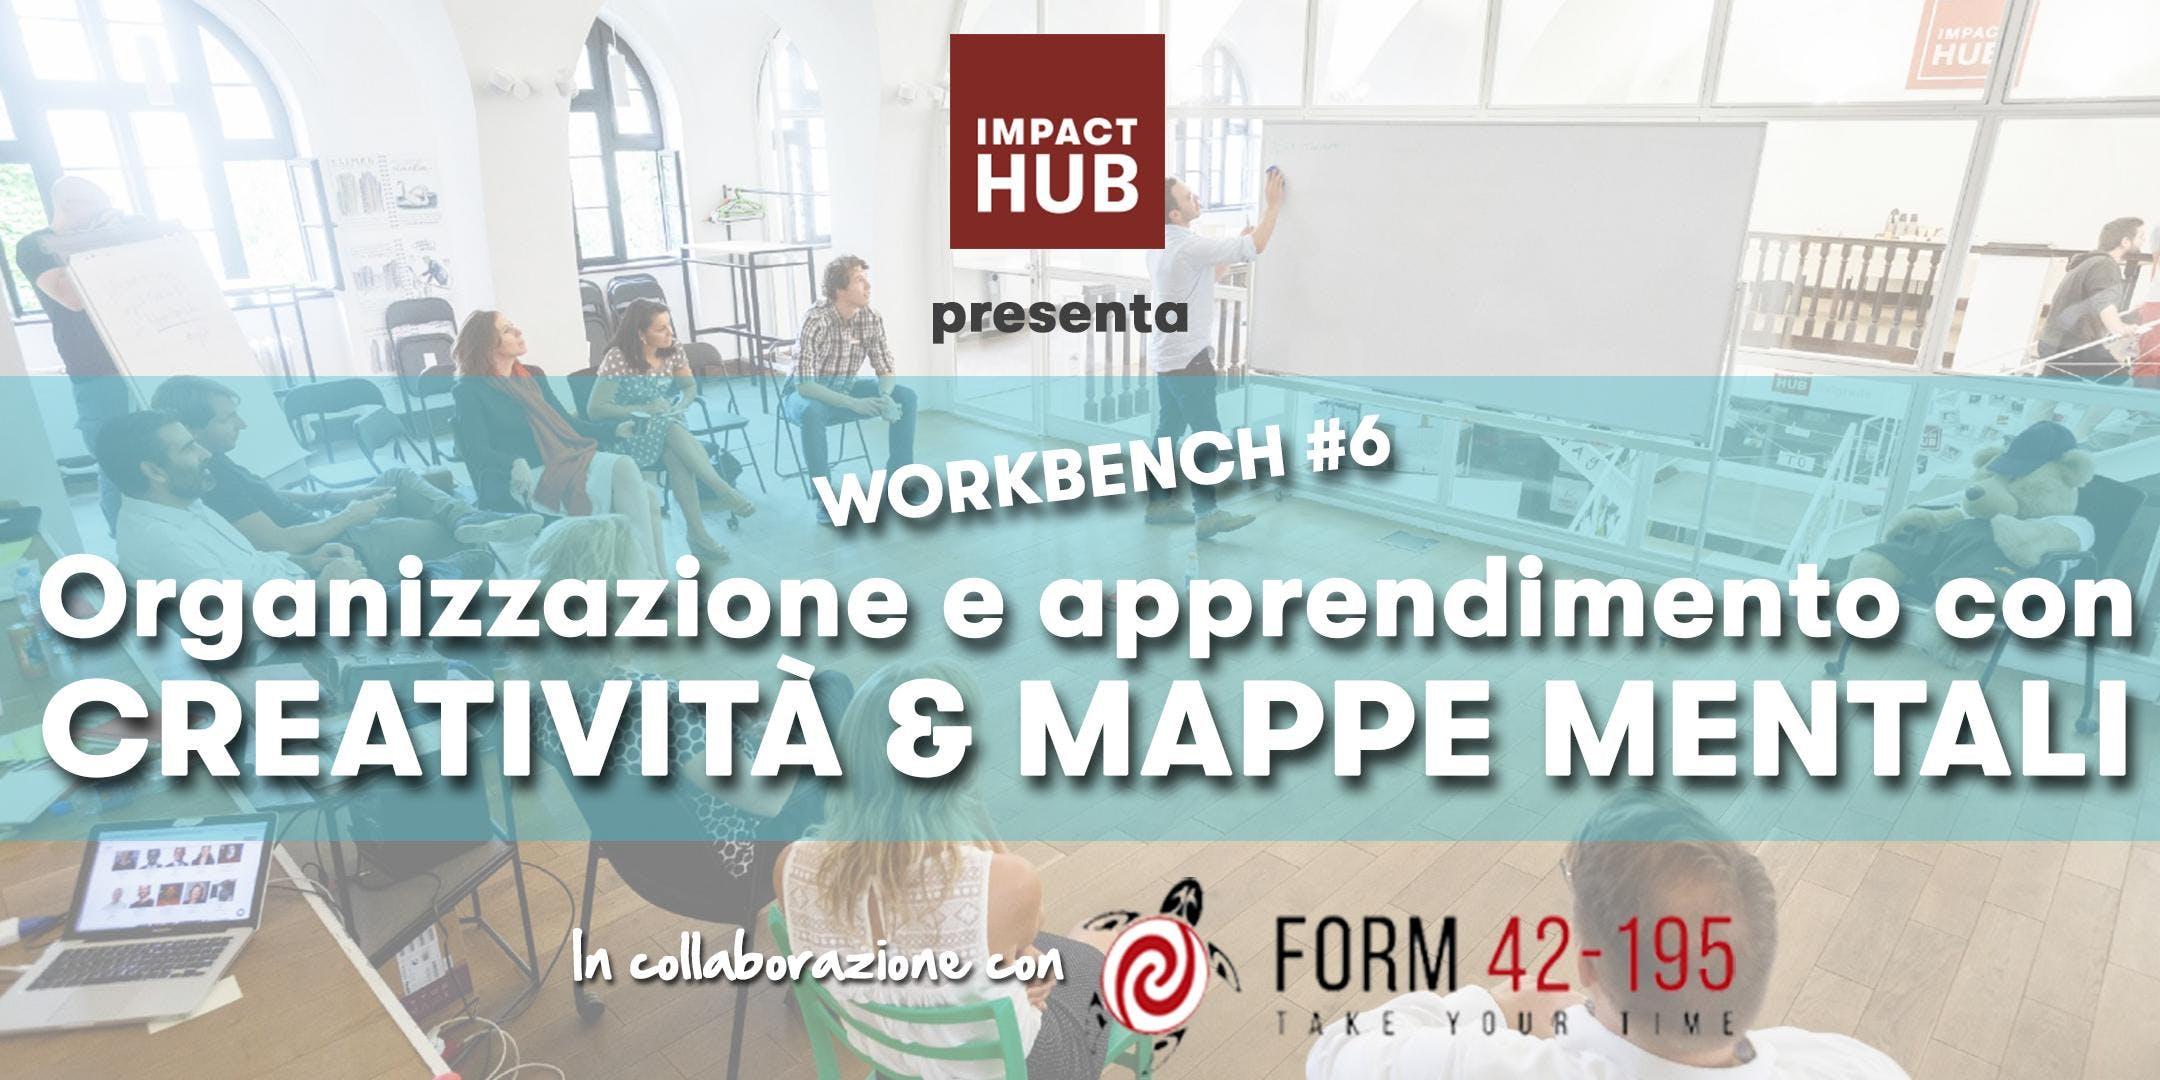 Workbench#6 | Organizzazione e apprendimento